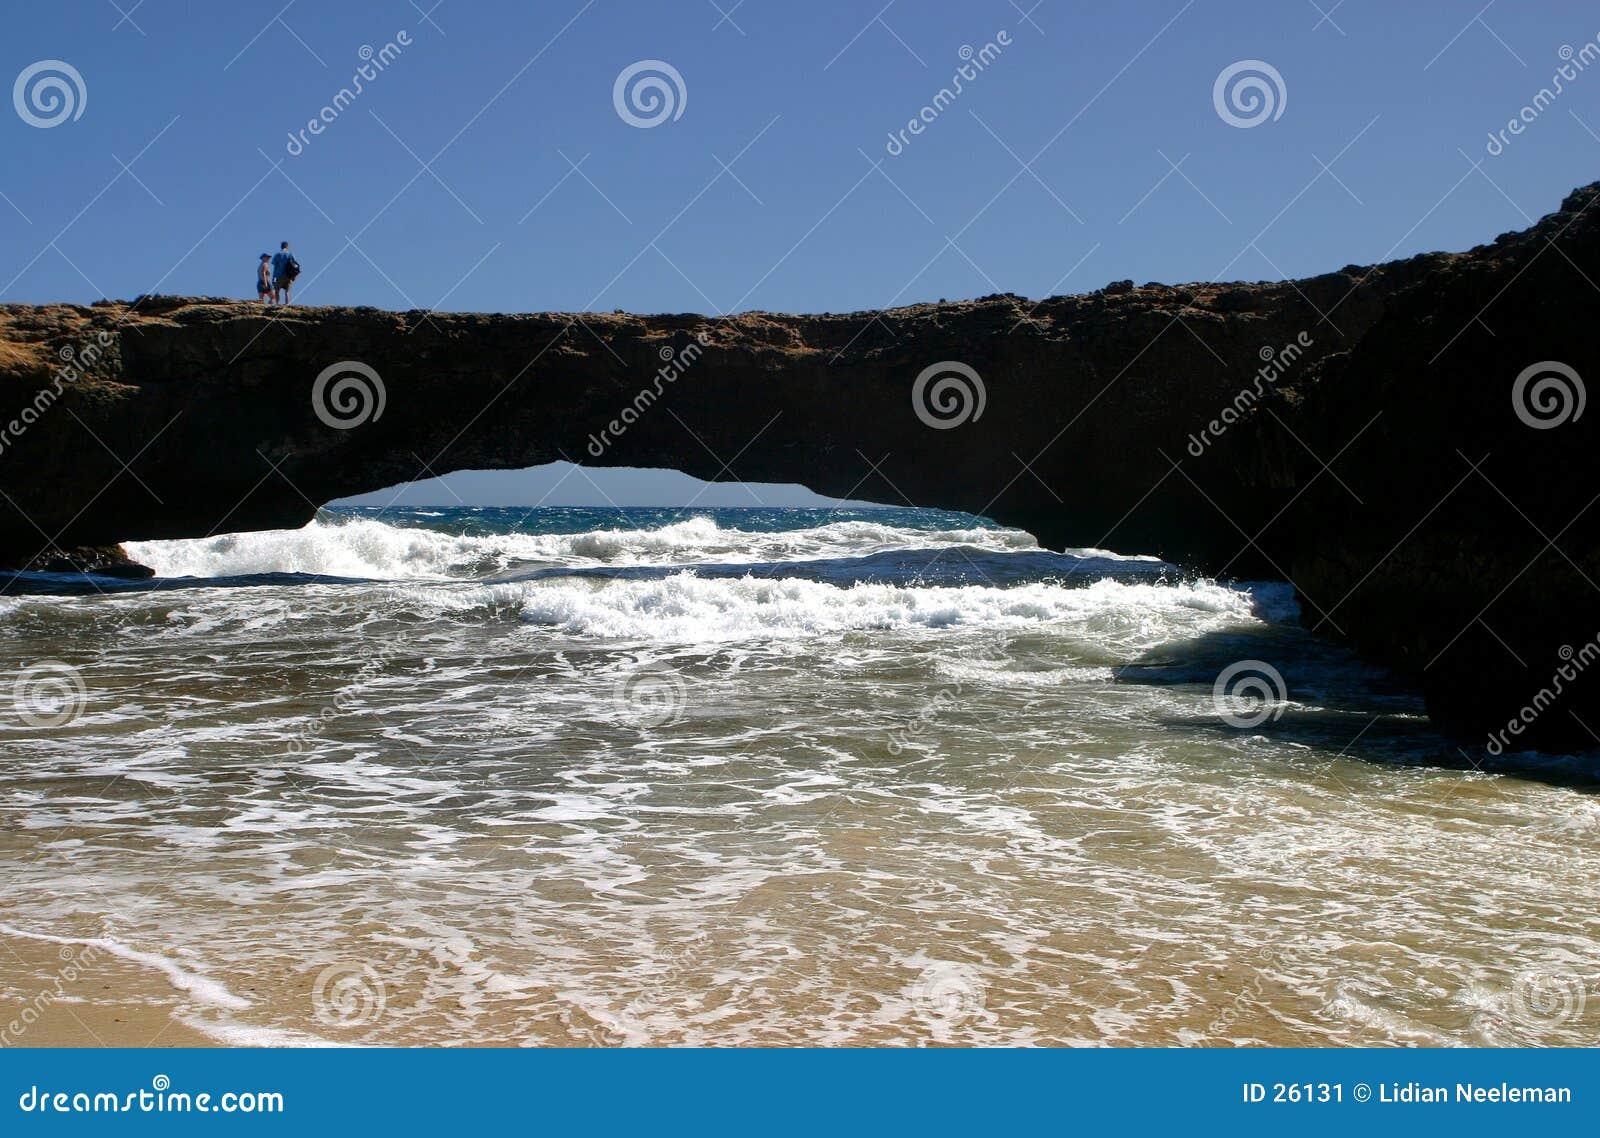 Download Puente natural imagen de archivo. Imagen de turismo, roca - 26131